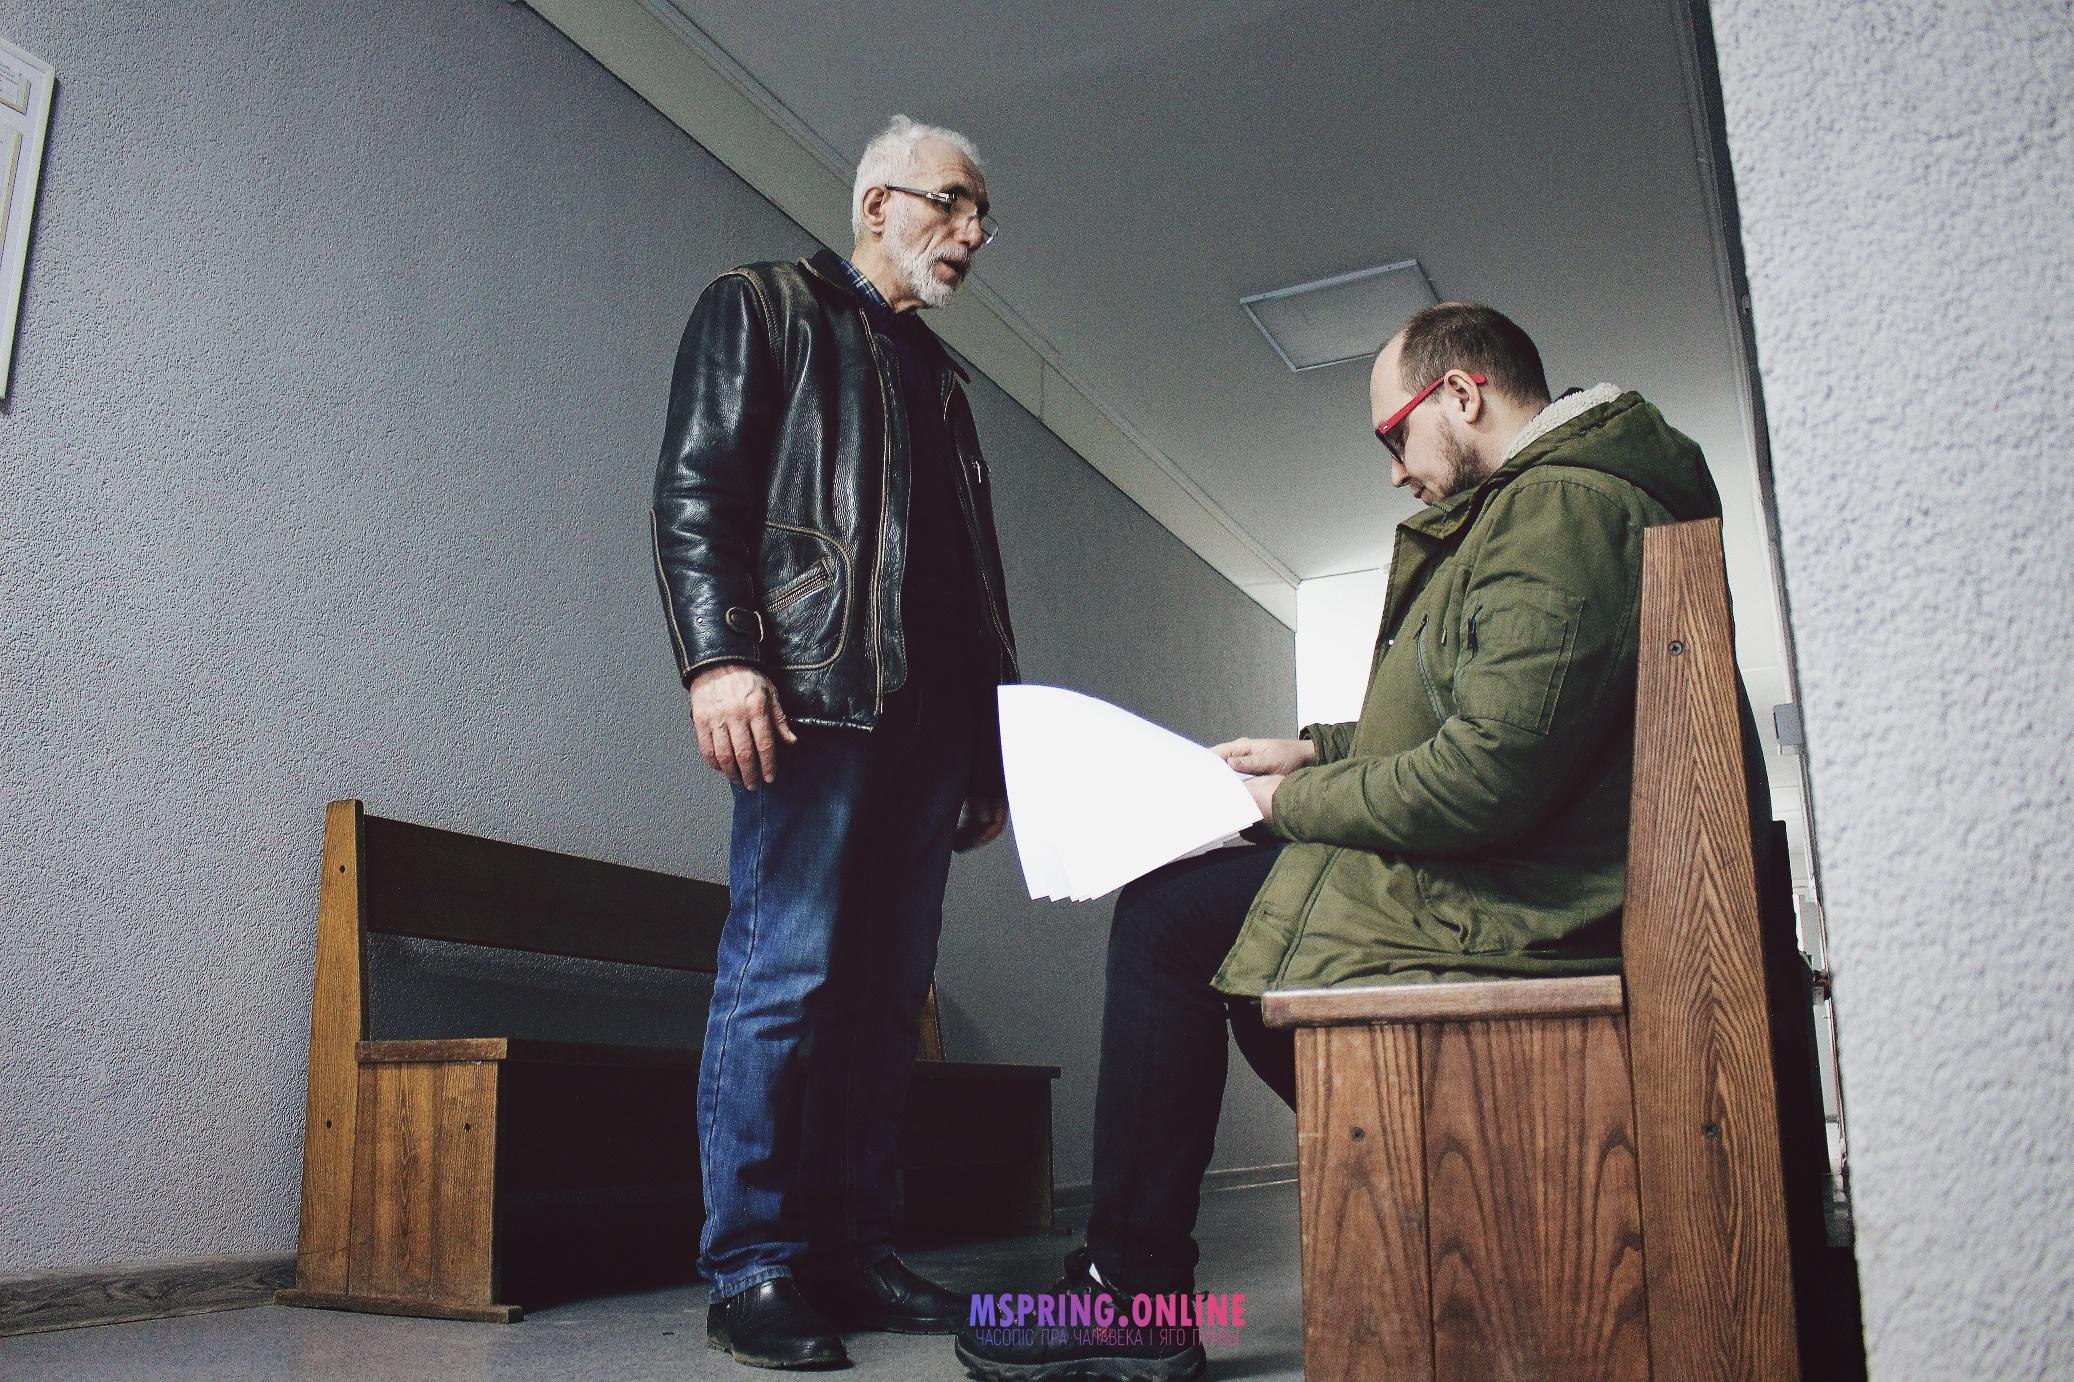 П'яны сведка, новая позва ў міліцыю: у Магілёве прайшоў суд з-за рэпартажу пра тралейбусы